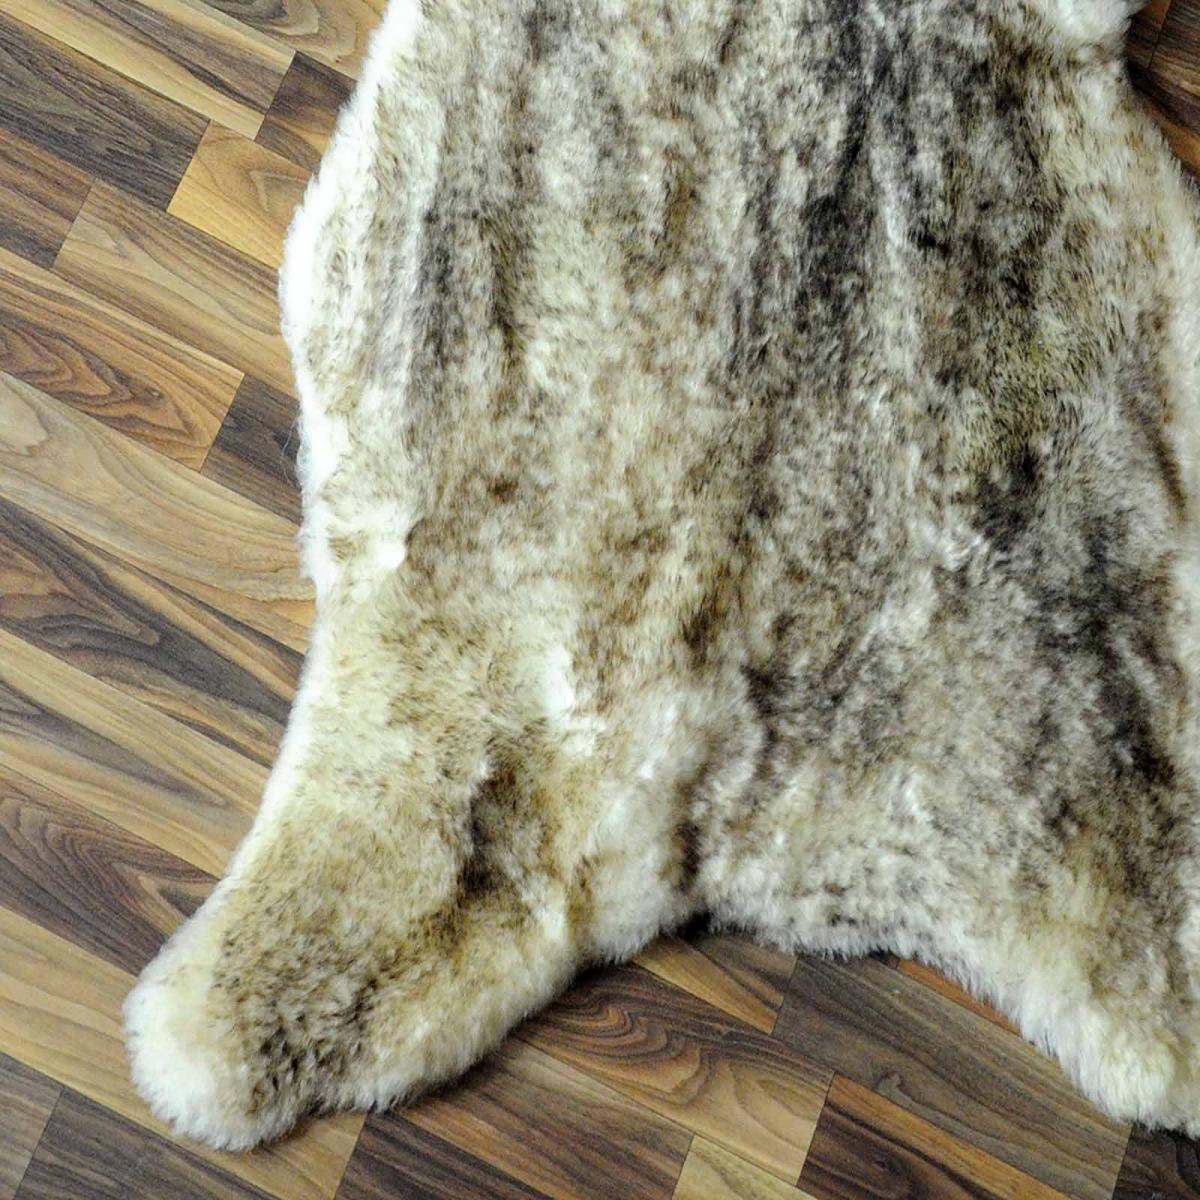 ko schaffell lammfell braun grau 95x65 geschoren 3498 3498. Black Bedroom Furniture Sets. Home Design Ideas